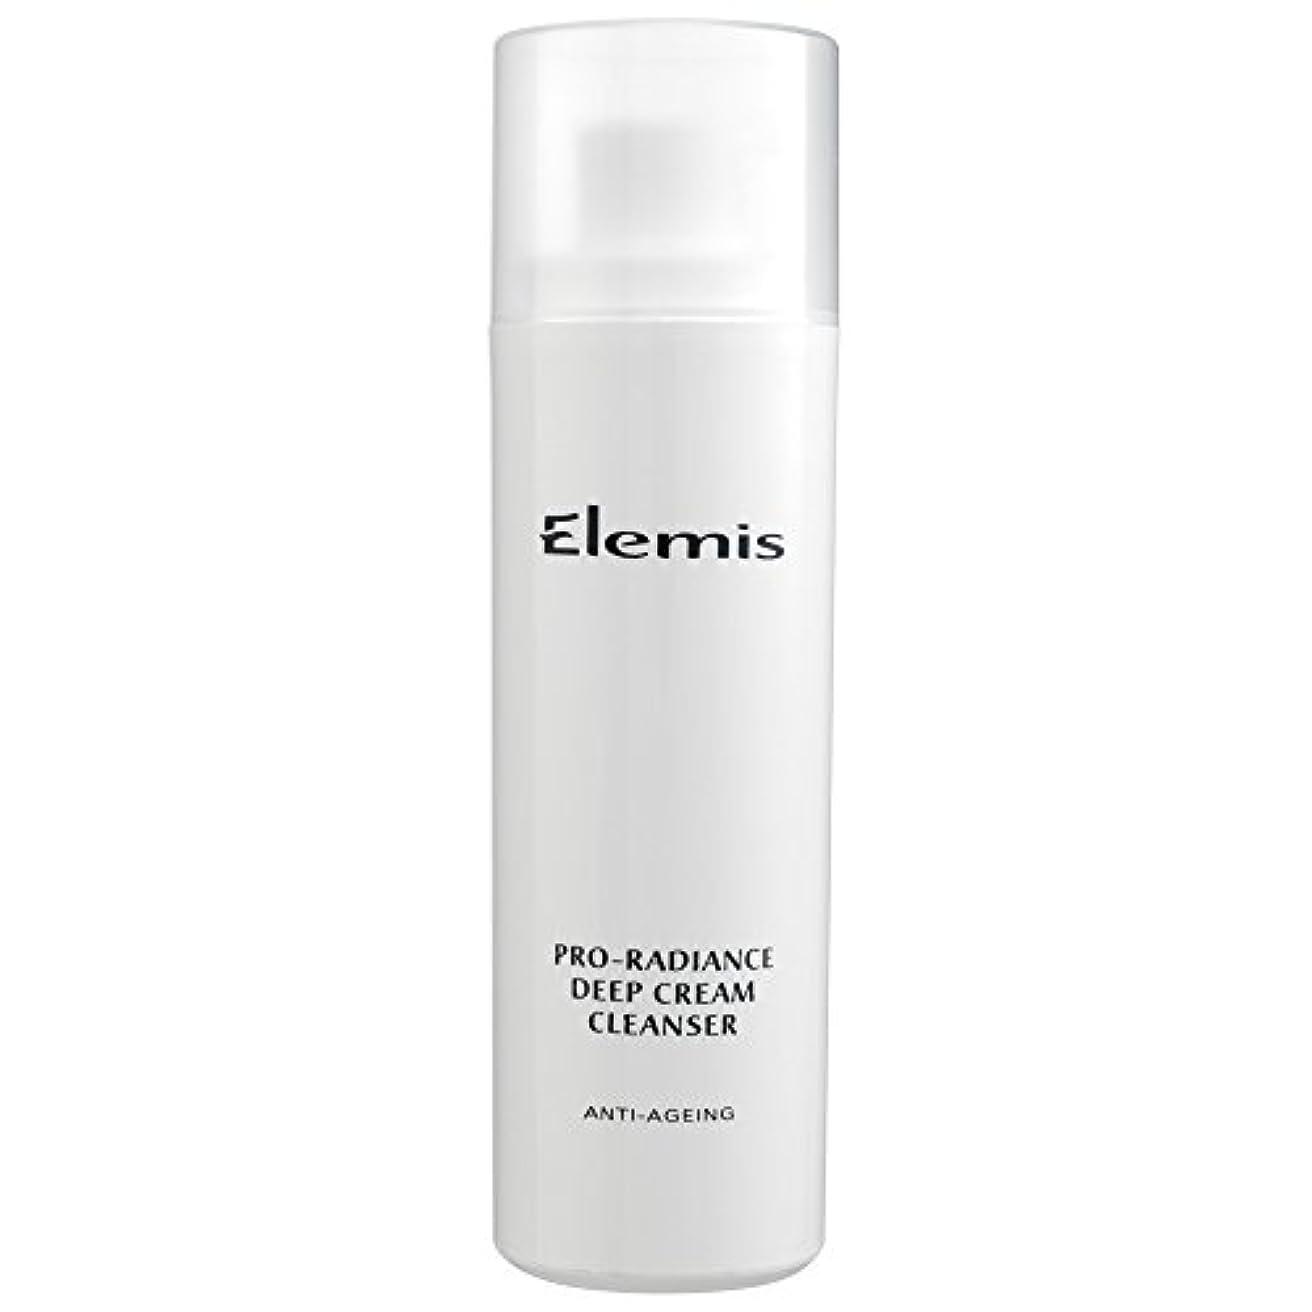 クラウンキャプション腐ったエレミスプロ輝きクリームクレンザー、150ミリリットル (Elemis) (x6) - Elemis Pro-Radiance Cream Cleanser, 150ml (Pack of 6) [並行輸入品]